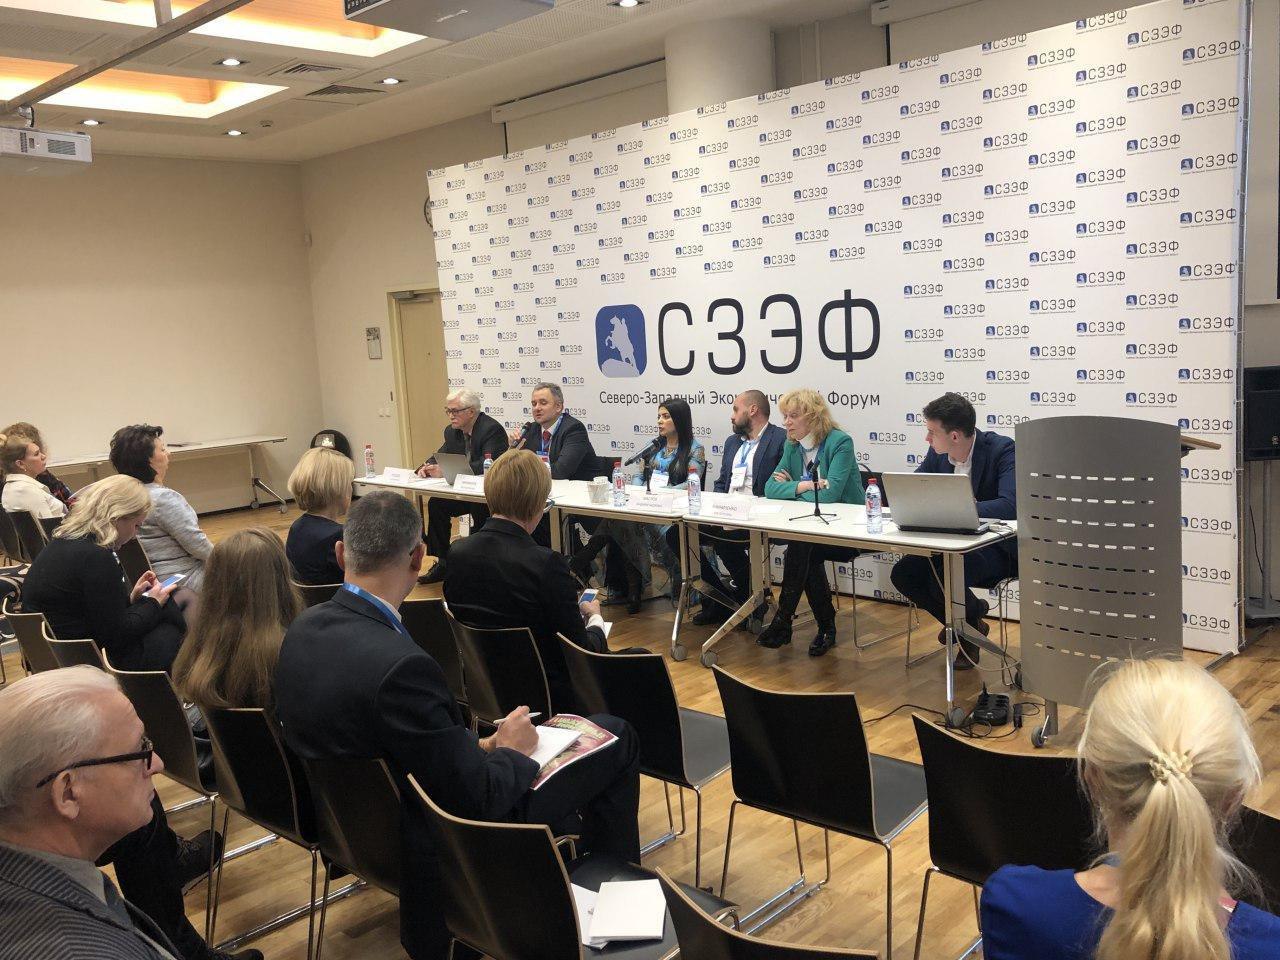 Директор Адвокатского бюро «Егоров, Пугинский, Афанасьев и партнеры» выступил на СЗЭФ-2018